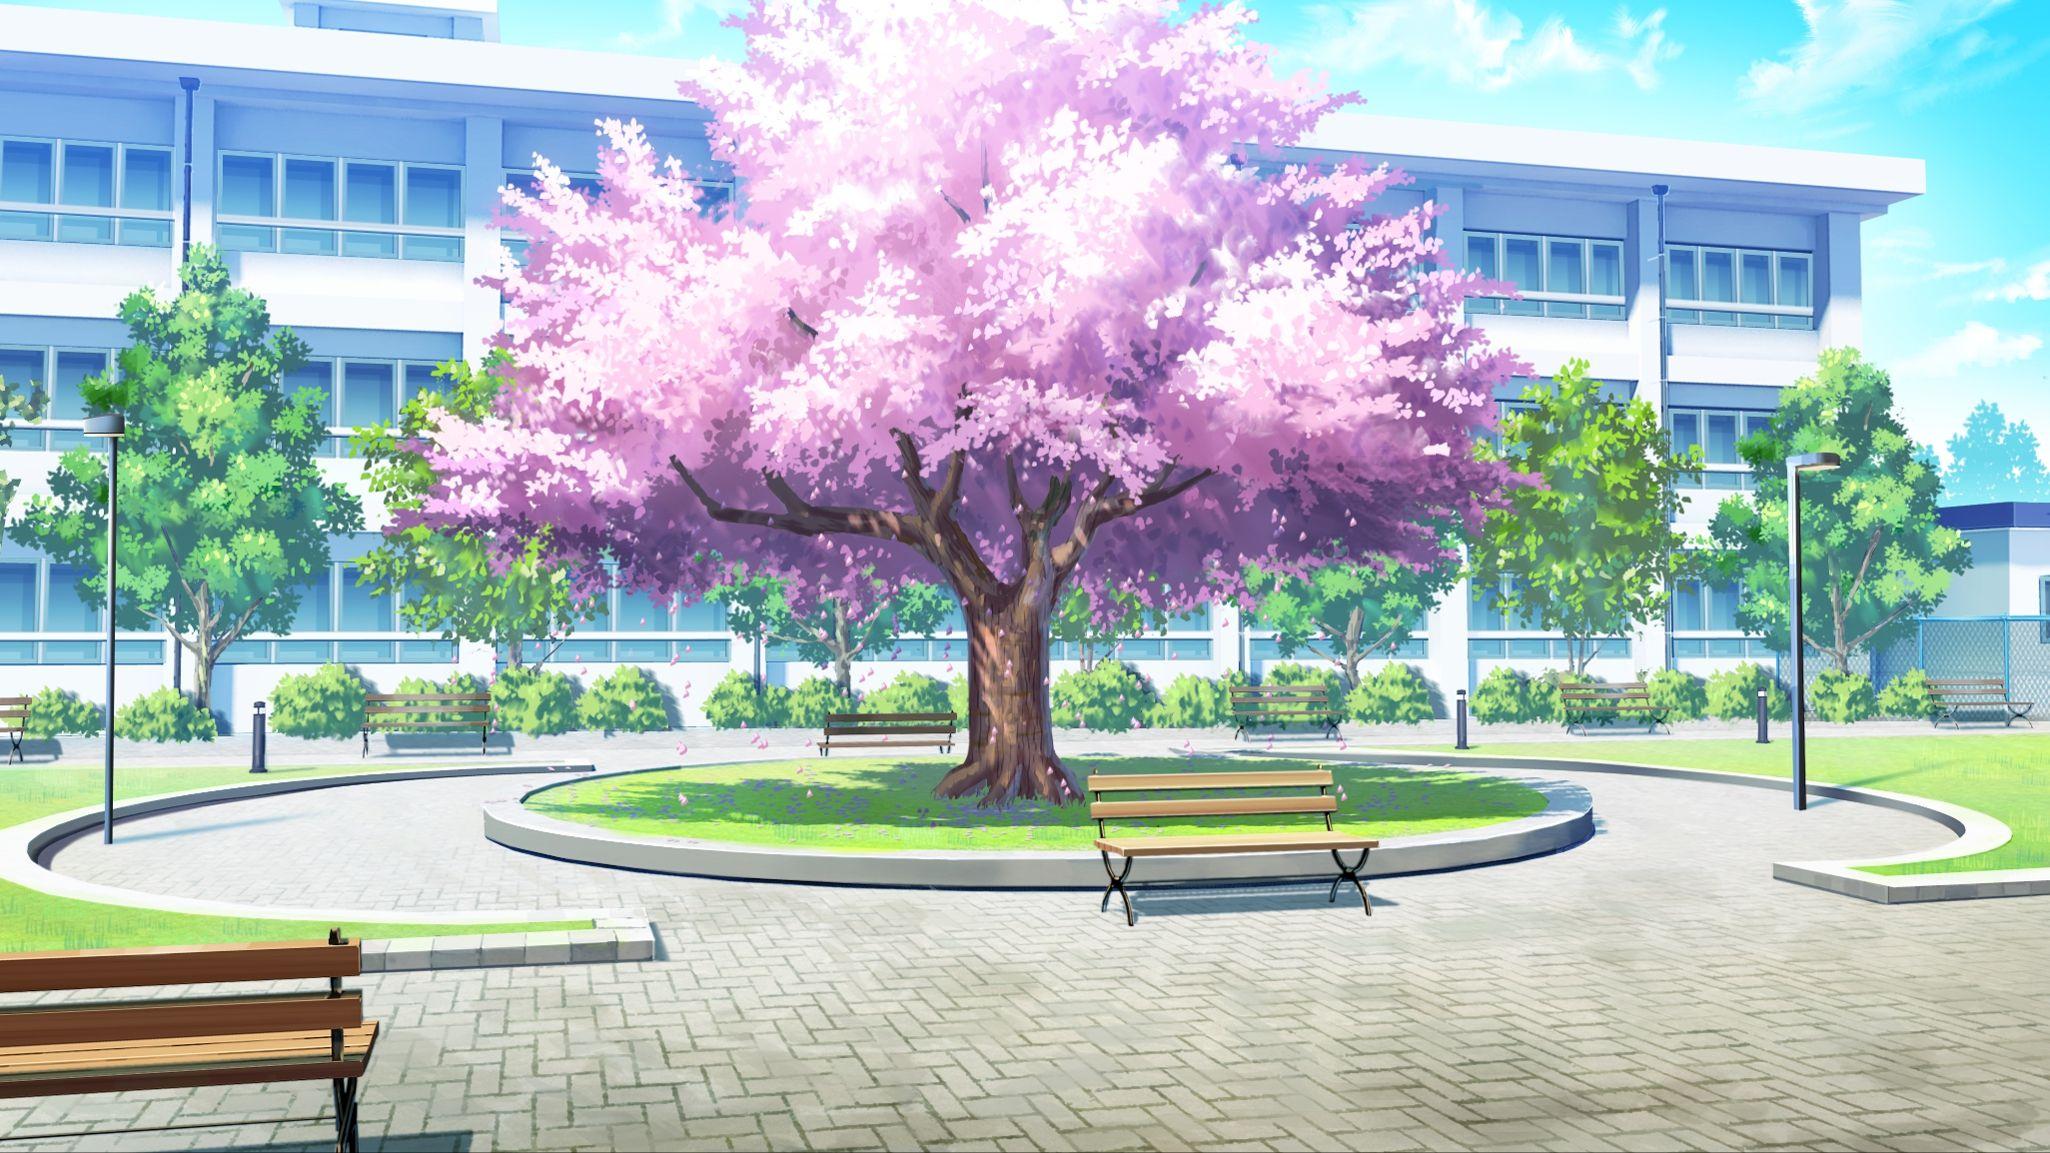 cherrytreedesktopbackground333616.jpg (2050×1153